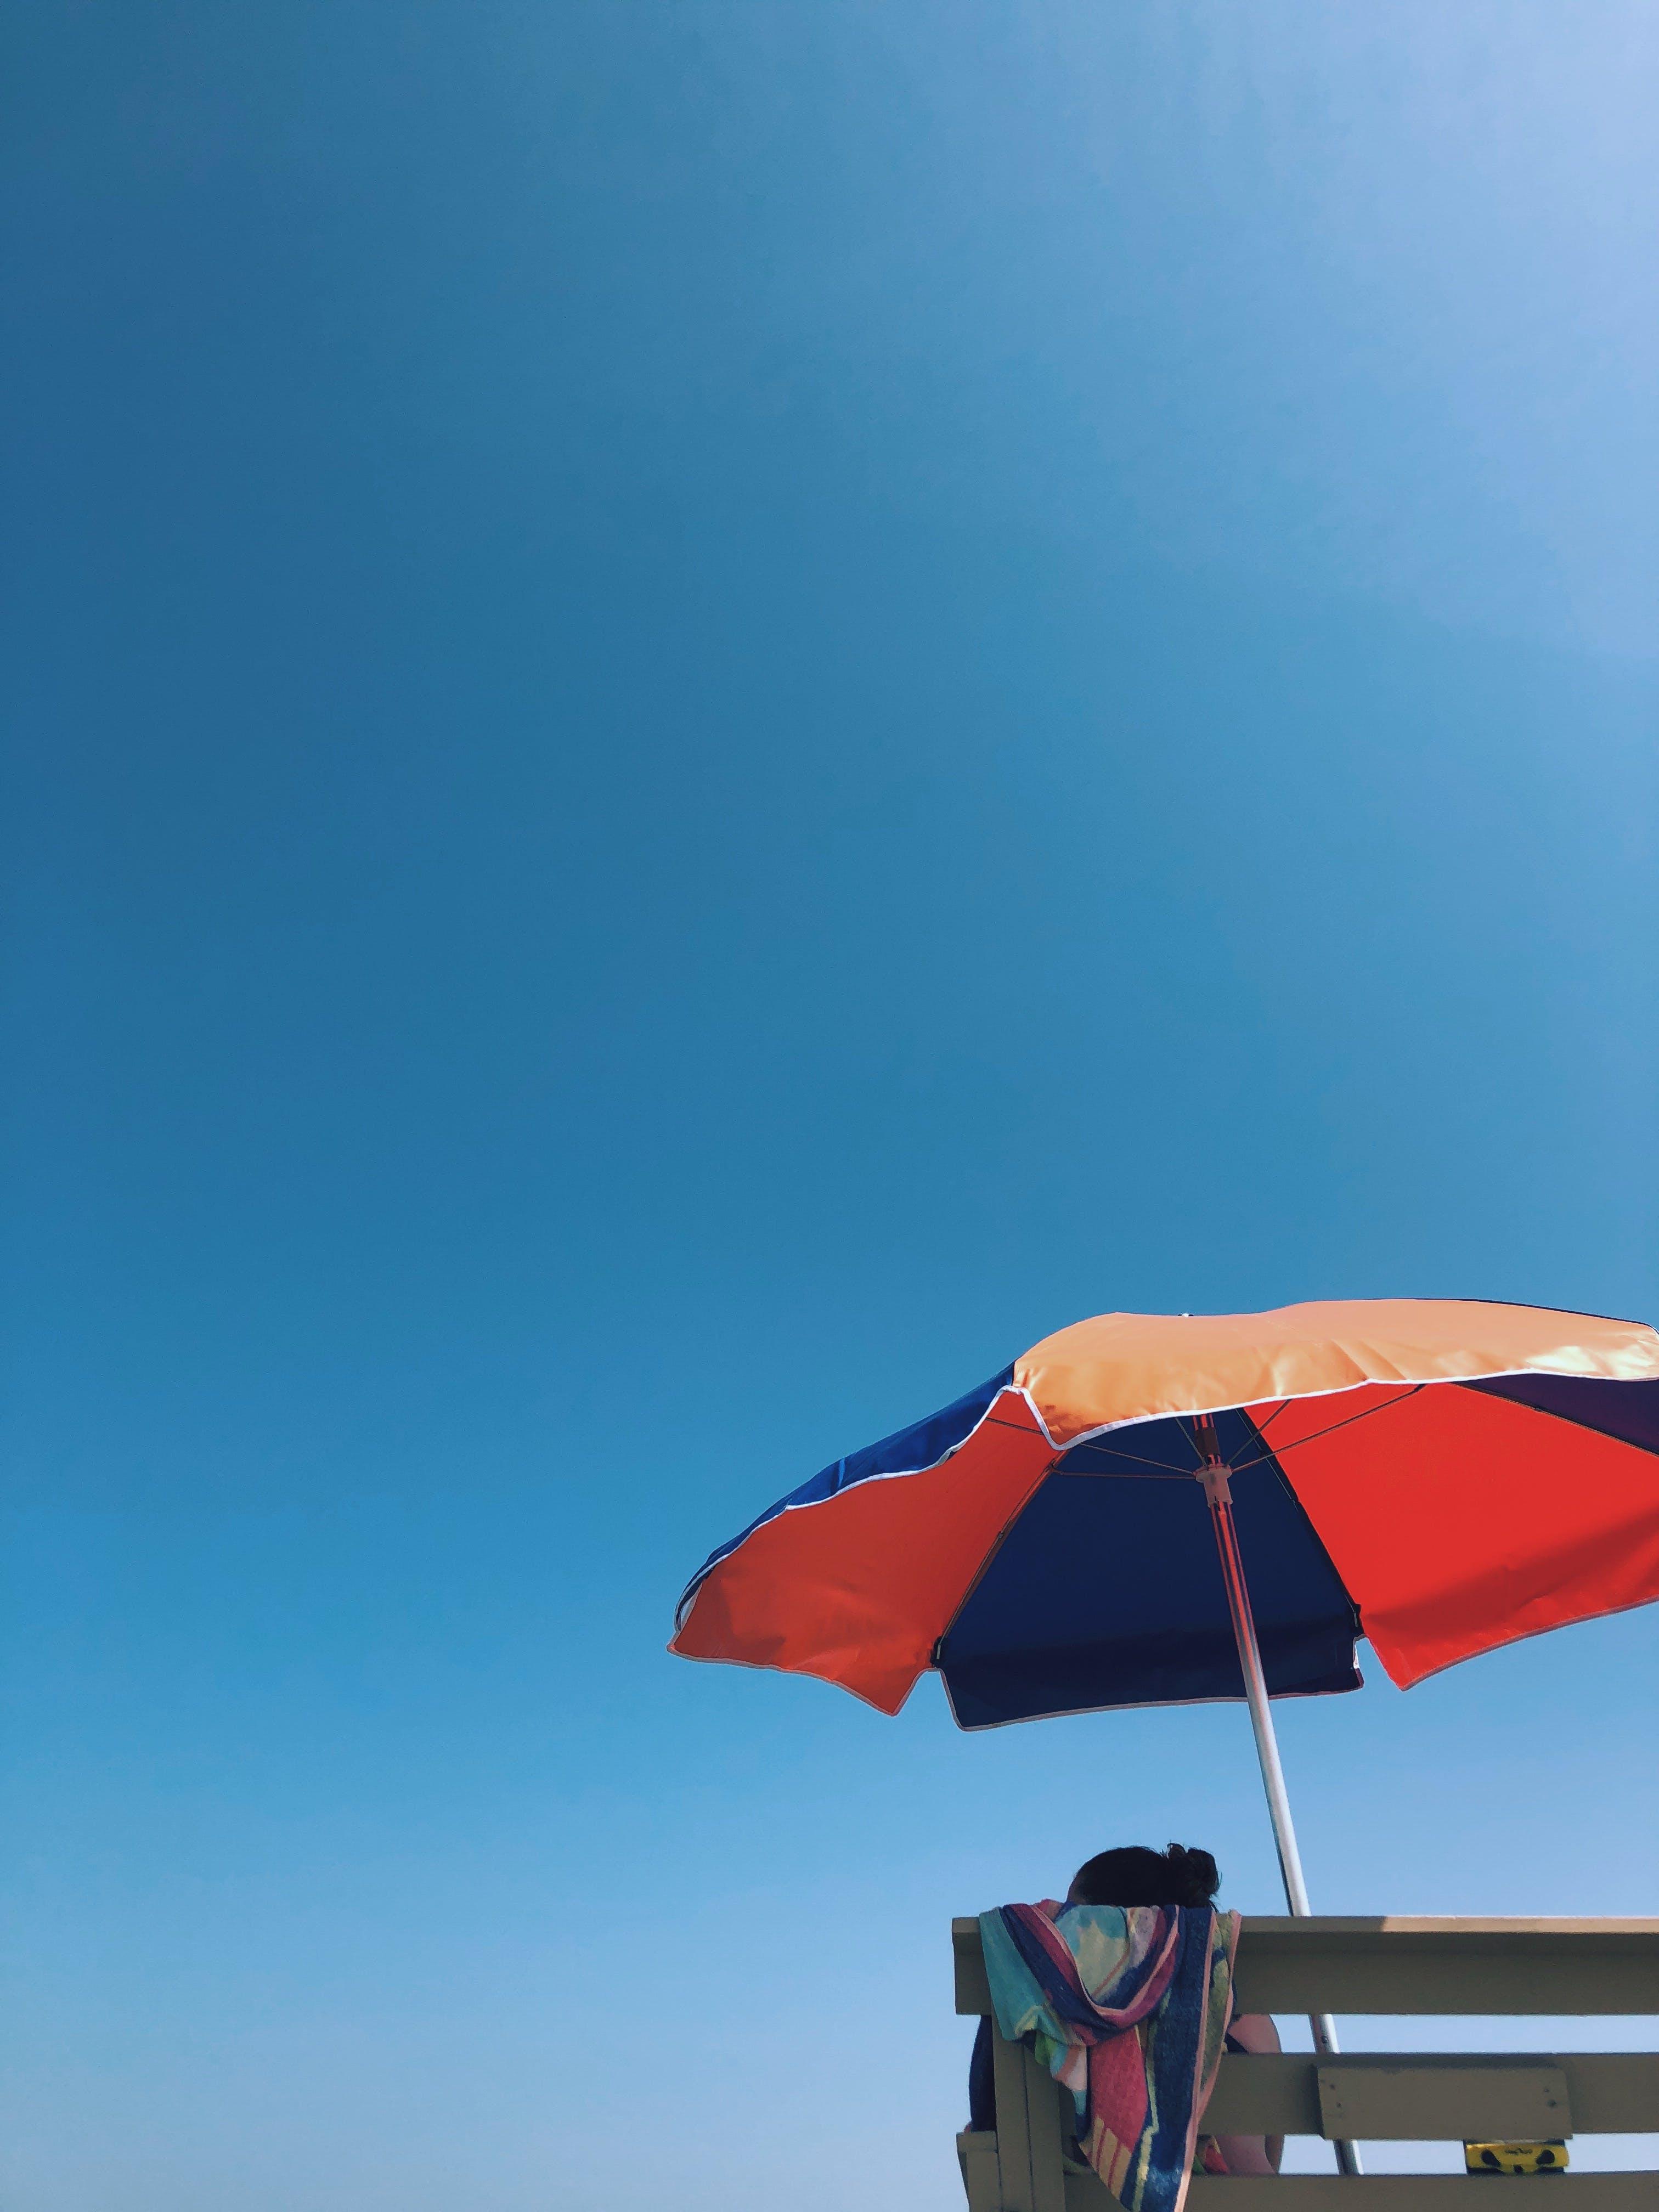 Person Sitting on Bench Under Umbrella